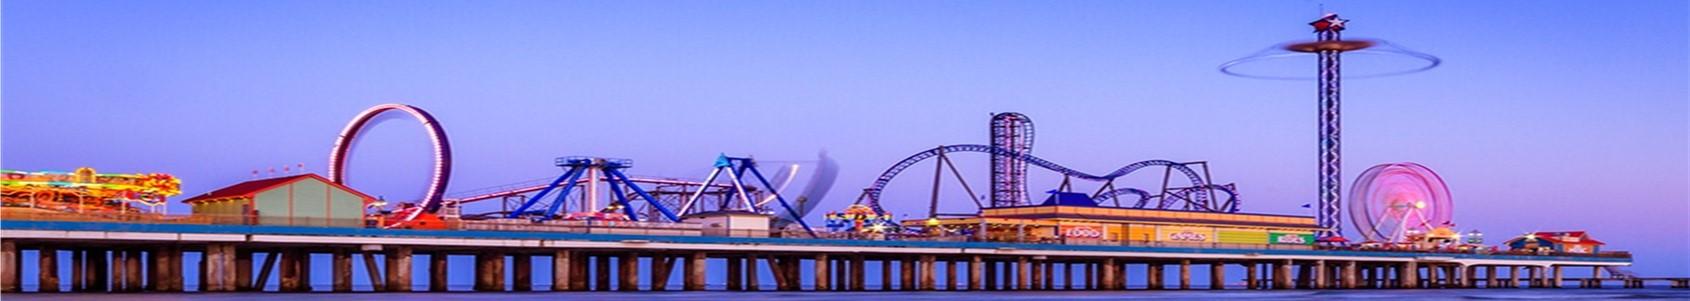 Galveston Island Pleasure Pier—Galveston, Texas